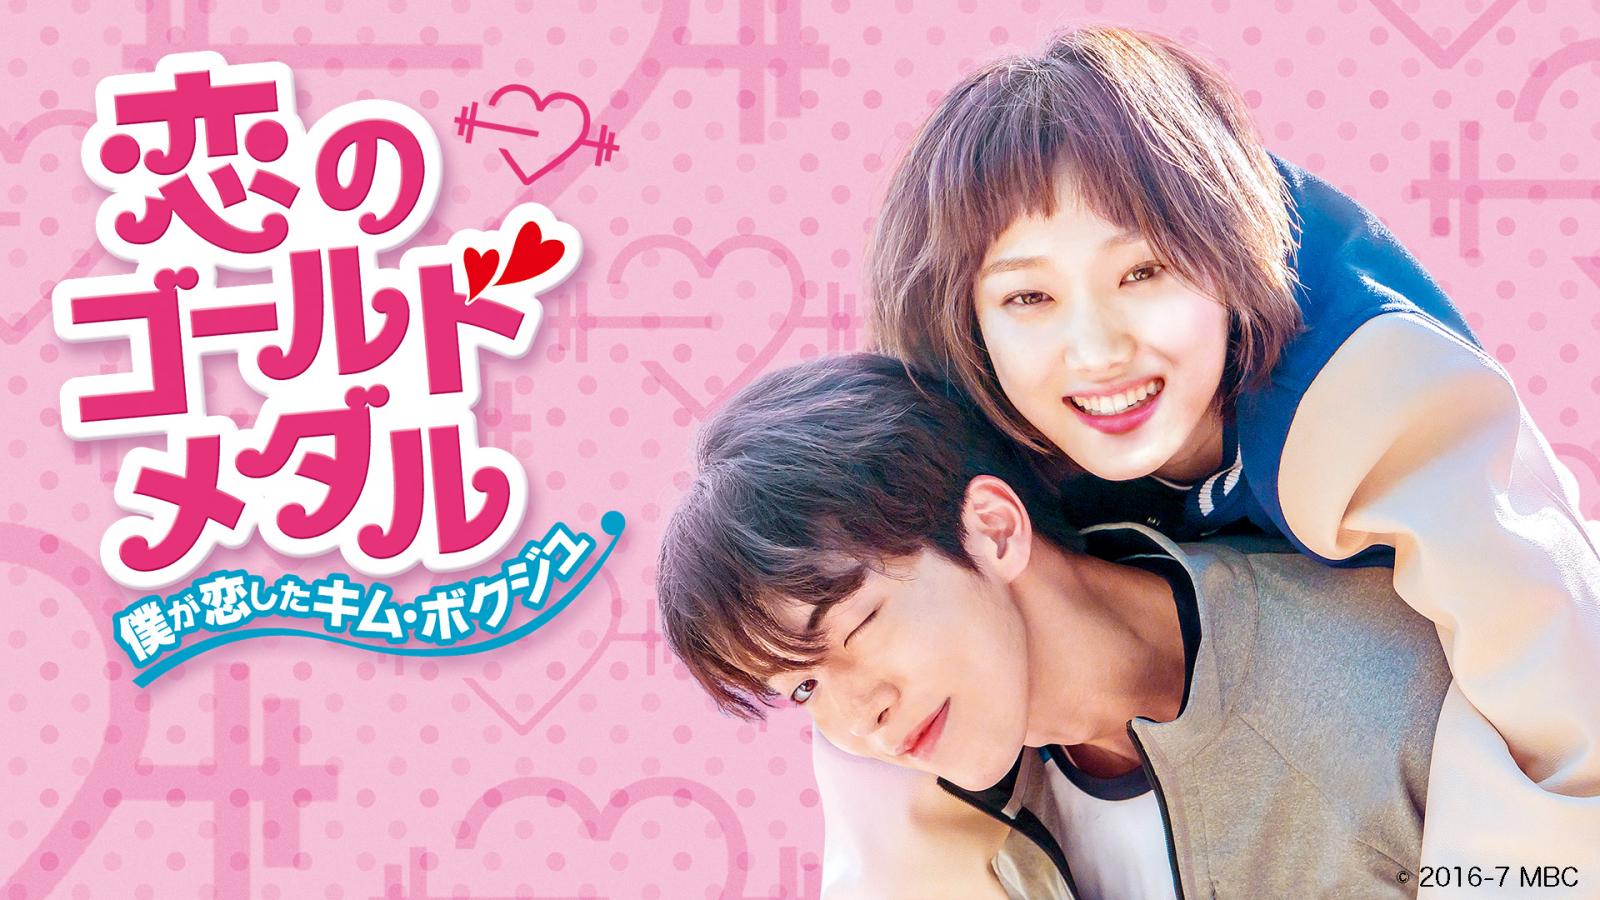 Abema TV、恋のゴールドメダル、イ・ソンギョン、ナム・ジュヒョク